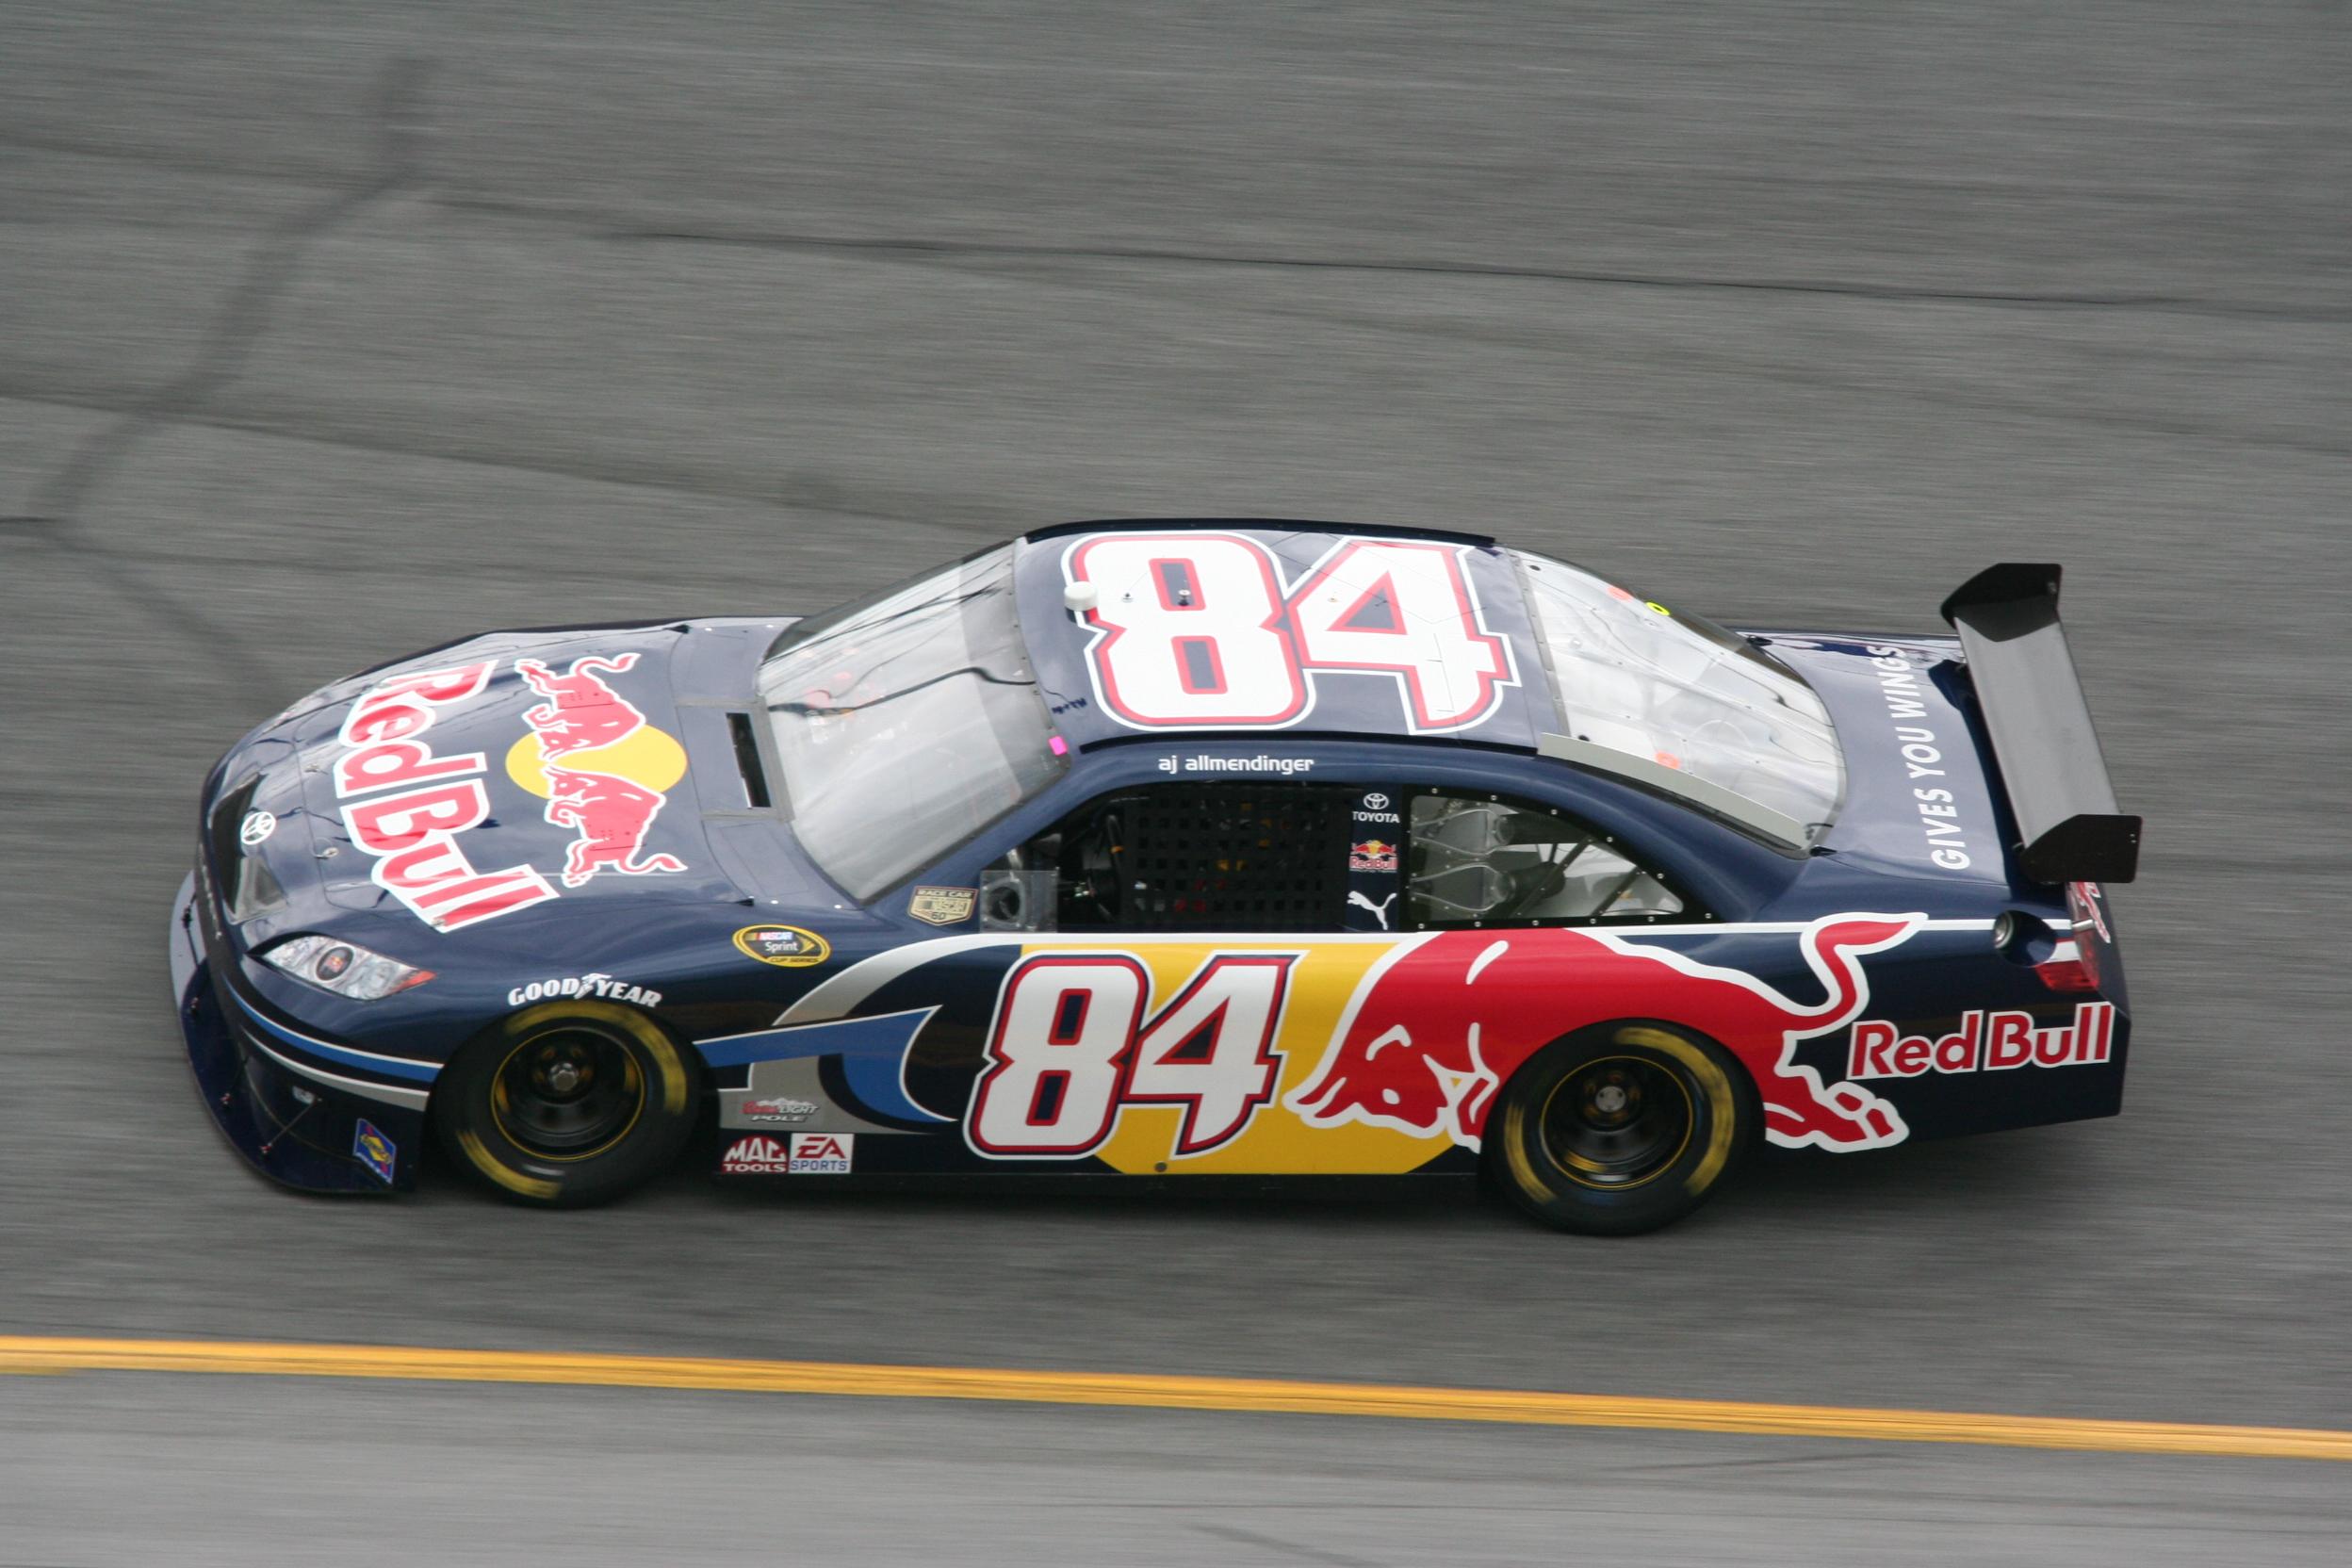 A.J._Allmendinger_2008_Red_Bull_Toyota_C